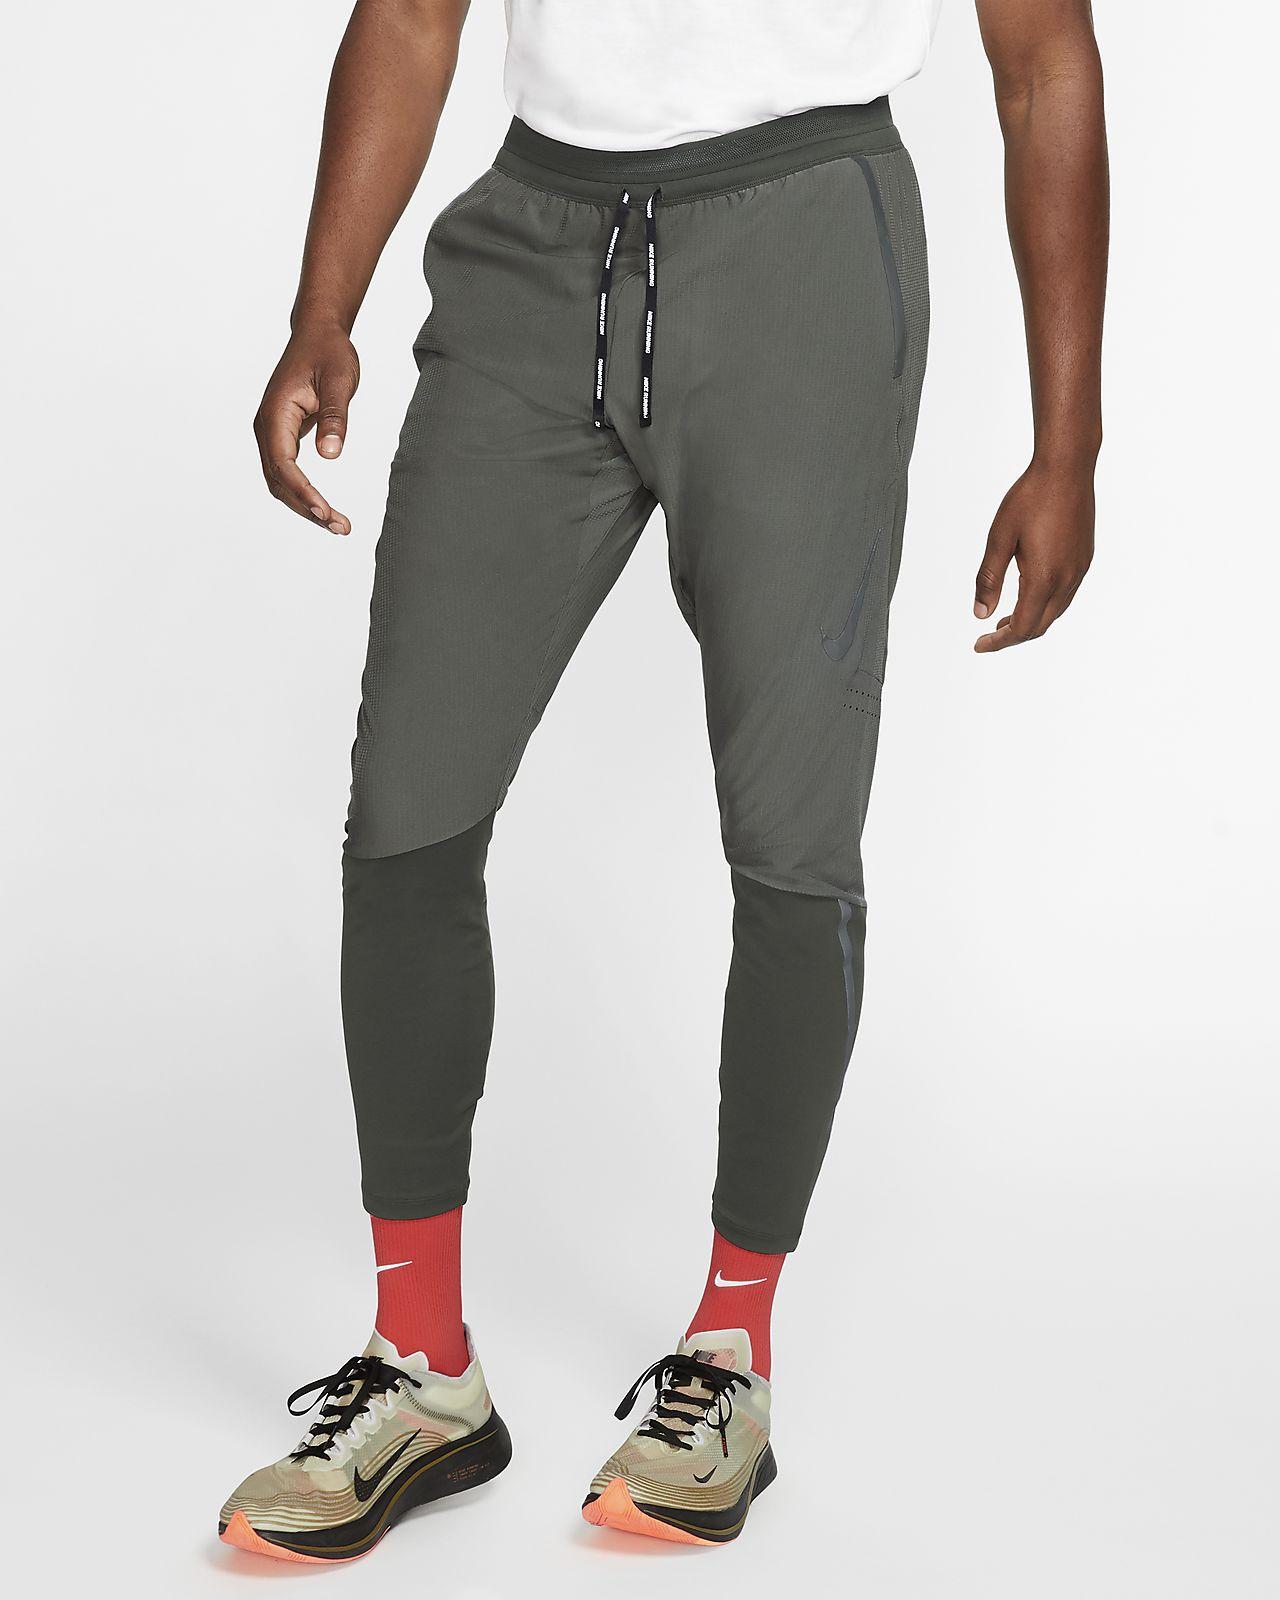 Nike Swift Hardloopbroek voor heren